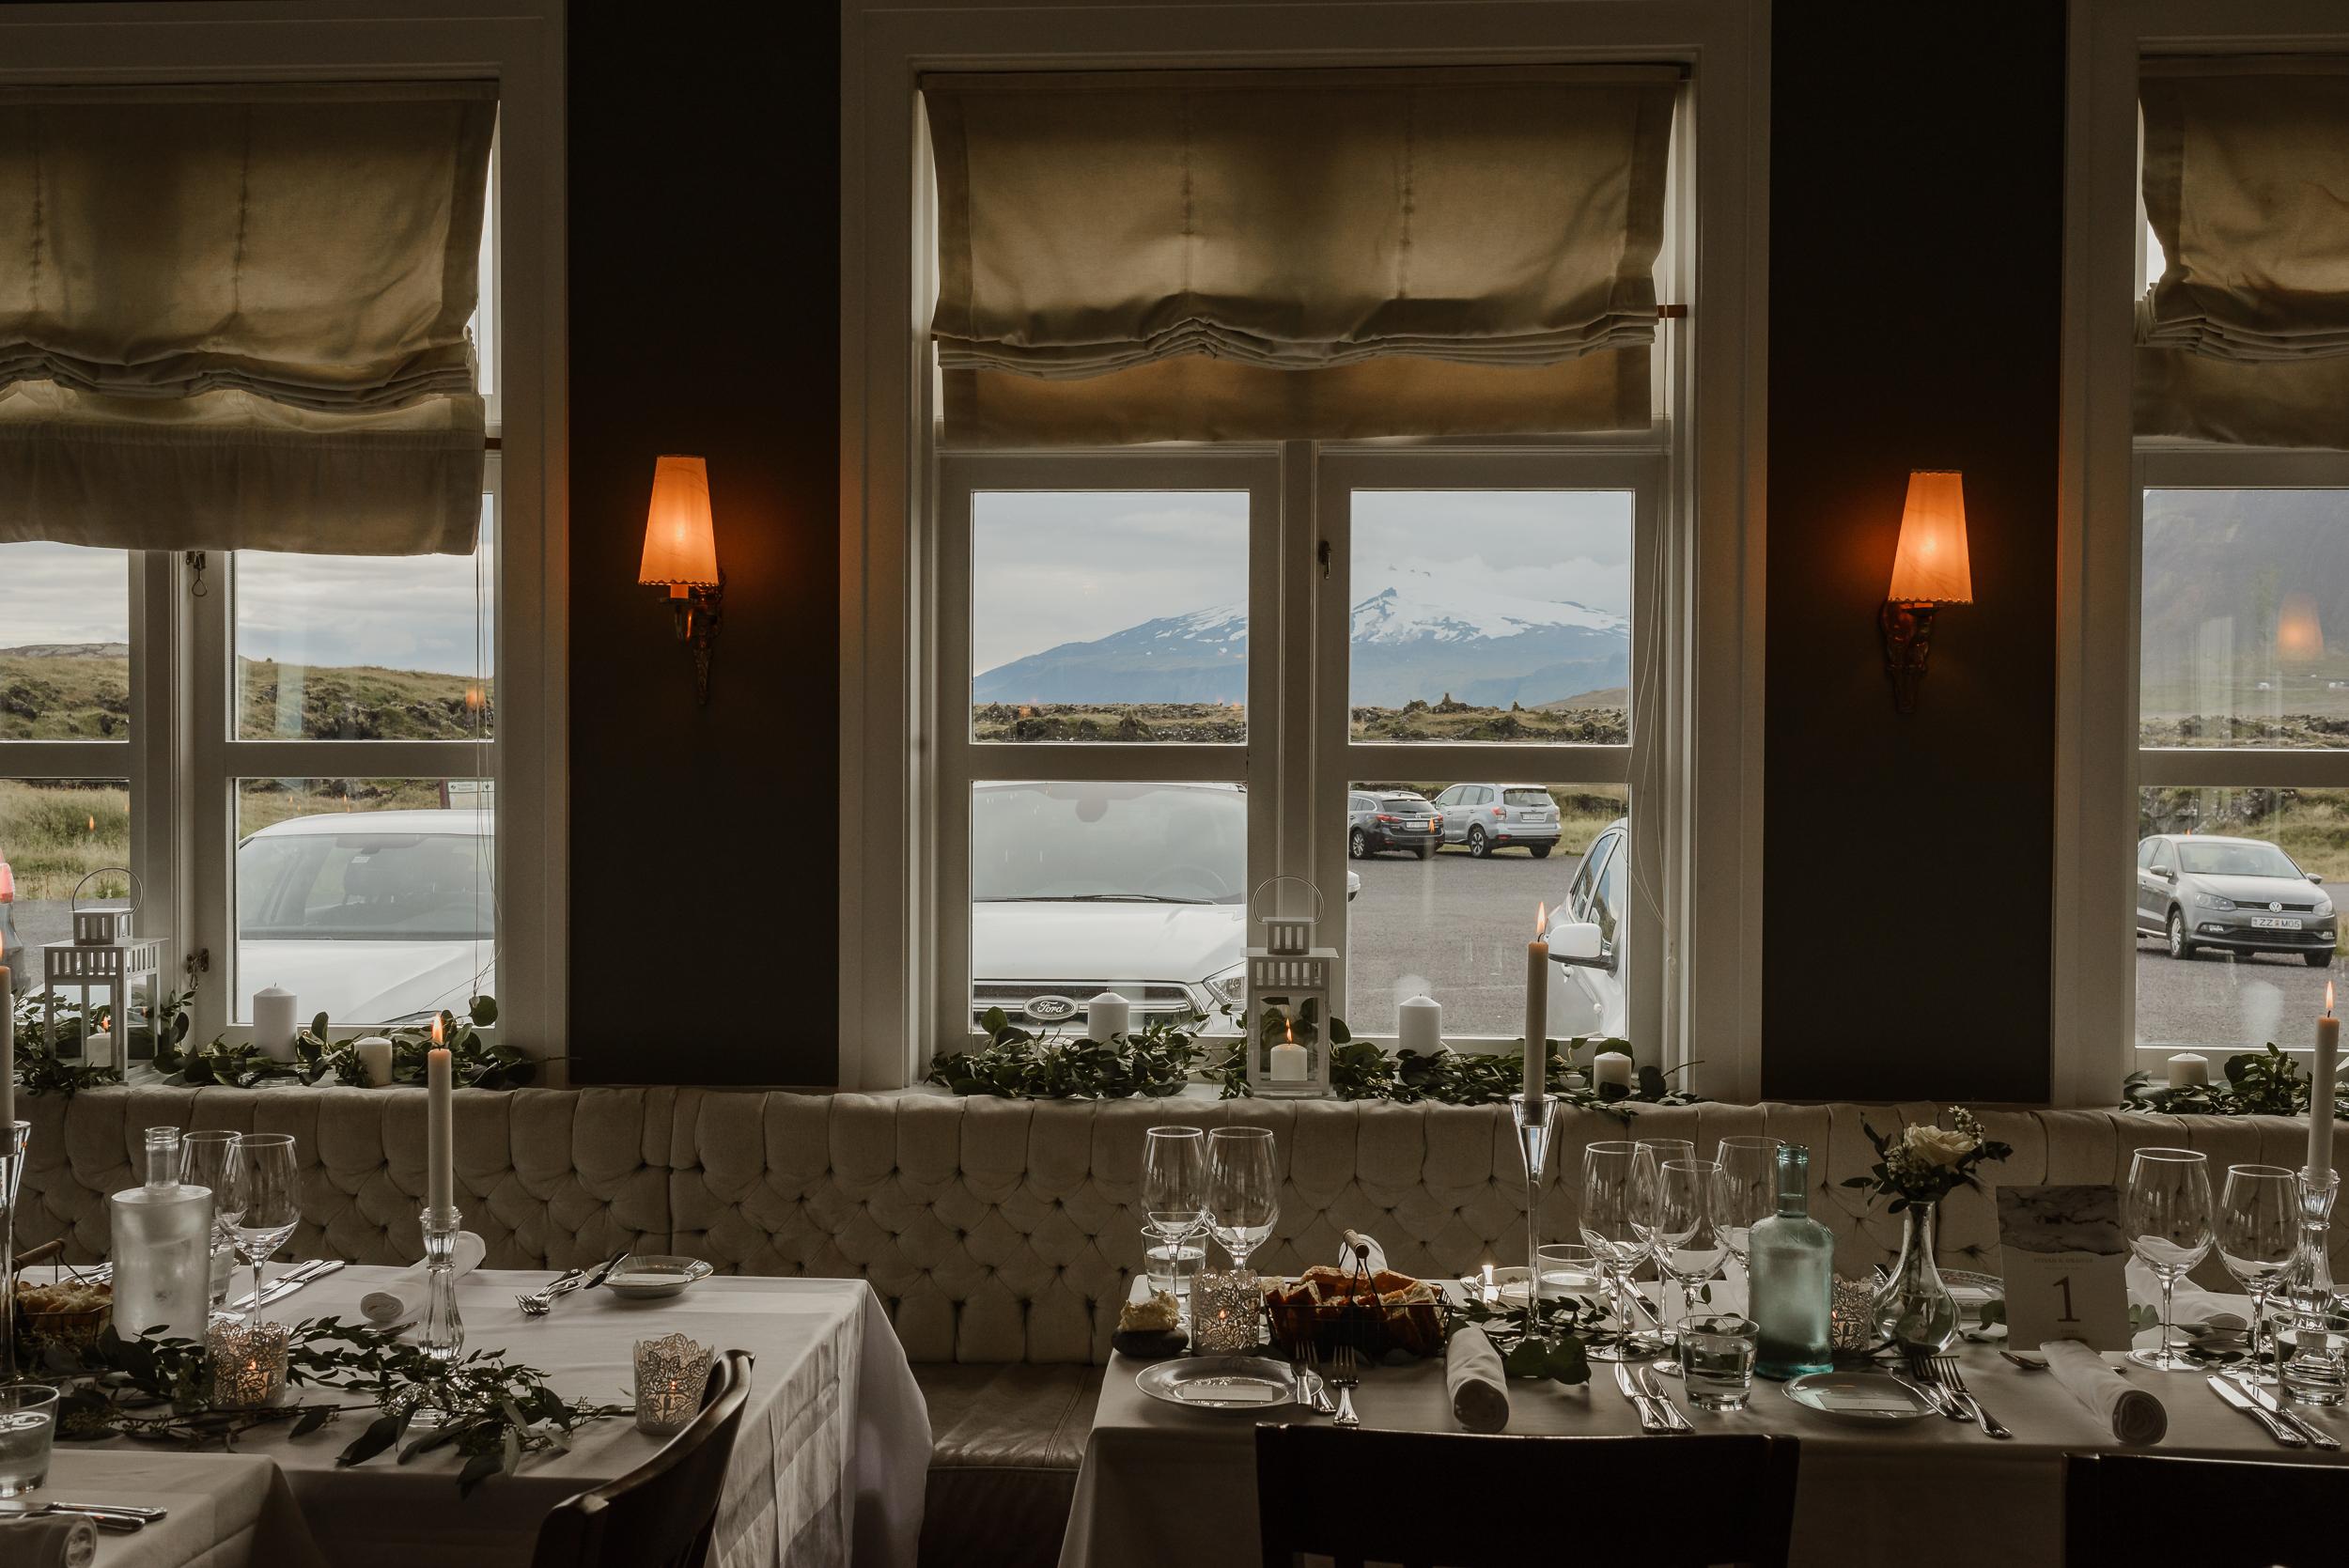 114-hotel-budir-iceland-destination-wedding-vivianchen-159.jpg